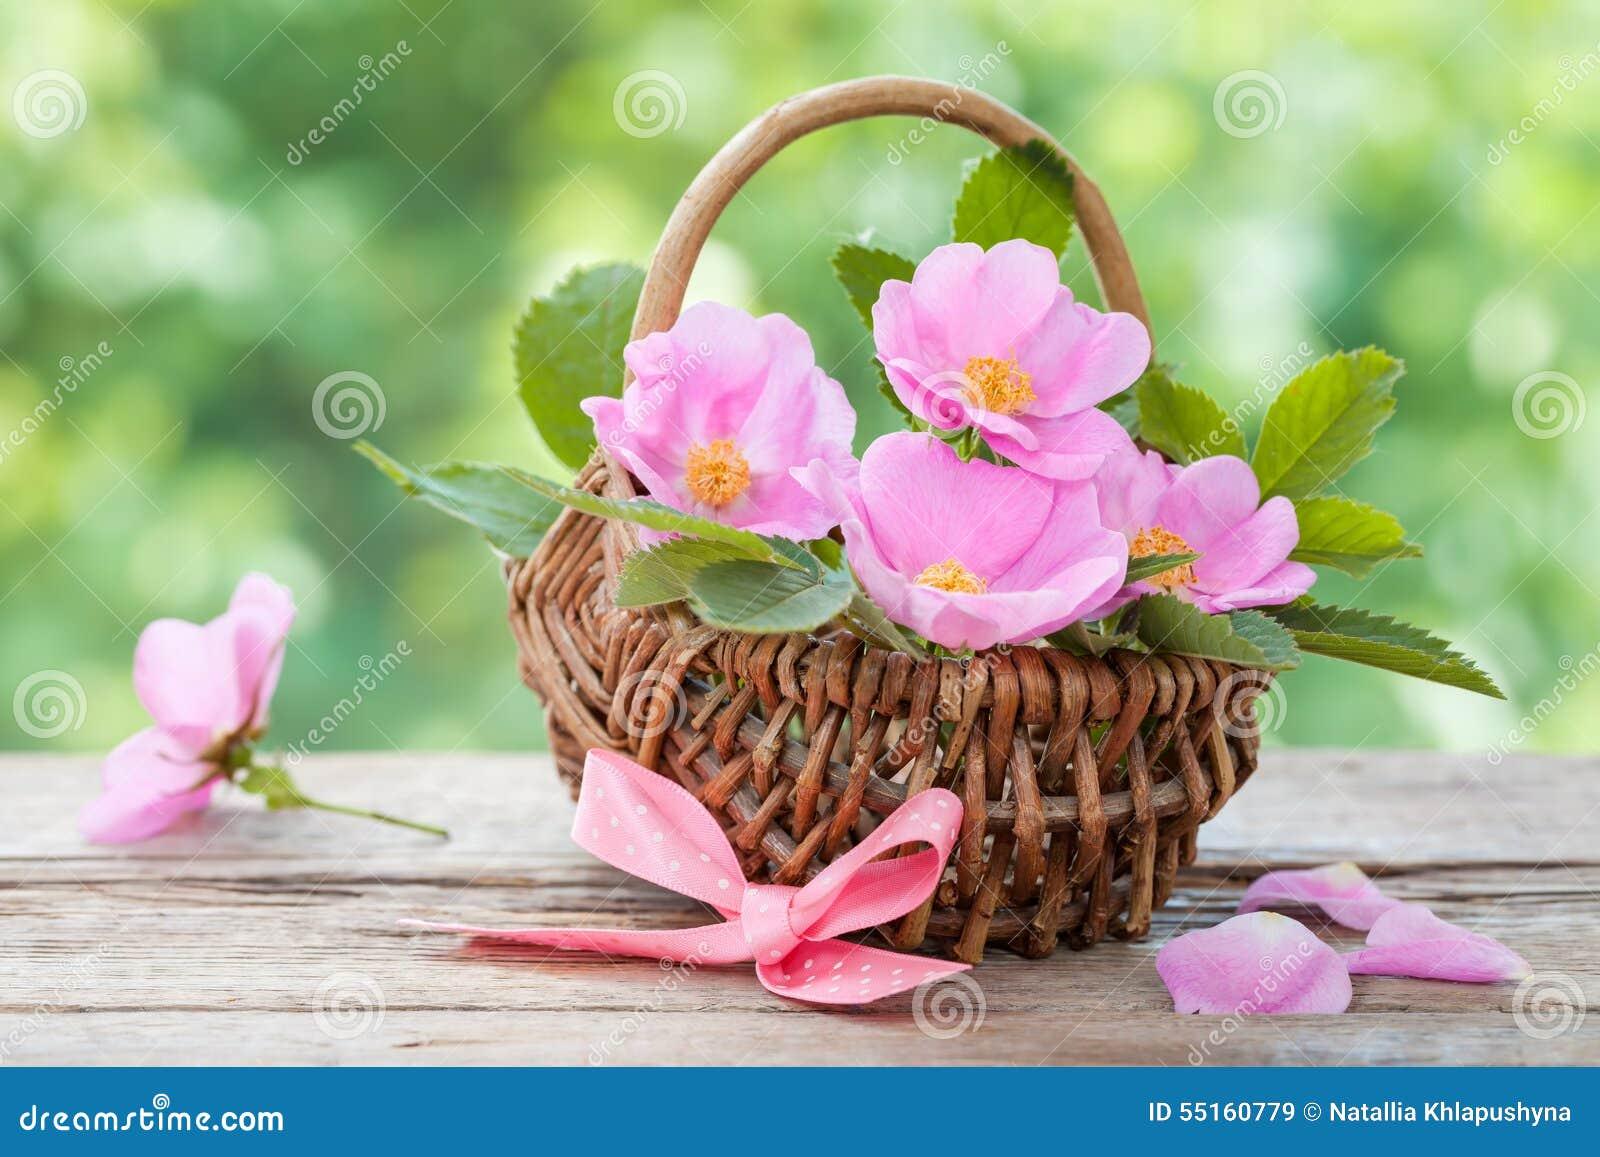 panier en osier avec les fleurs roses sauvages décorums de mariage